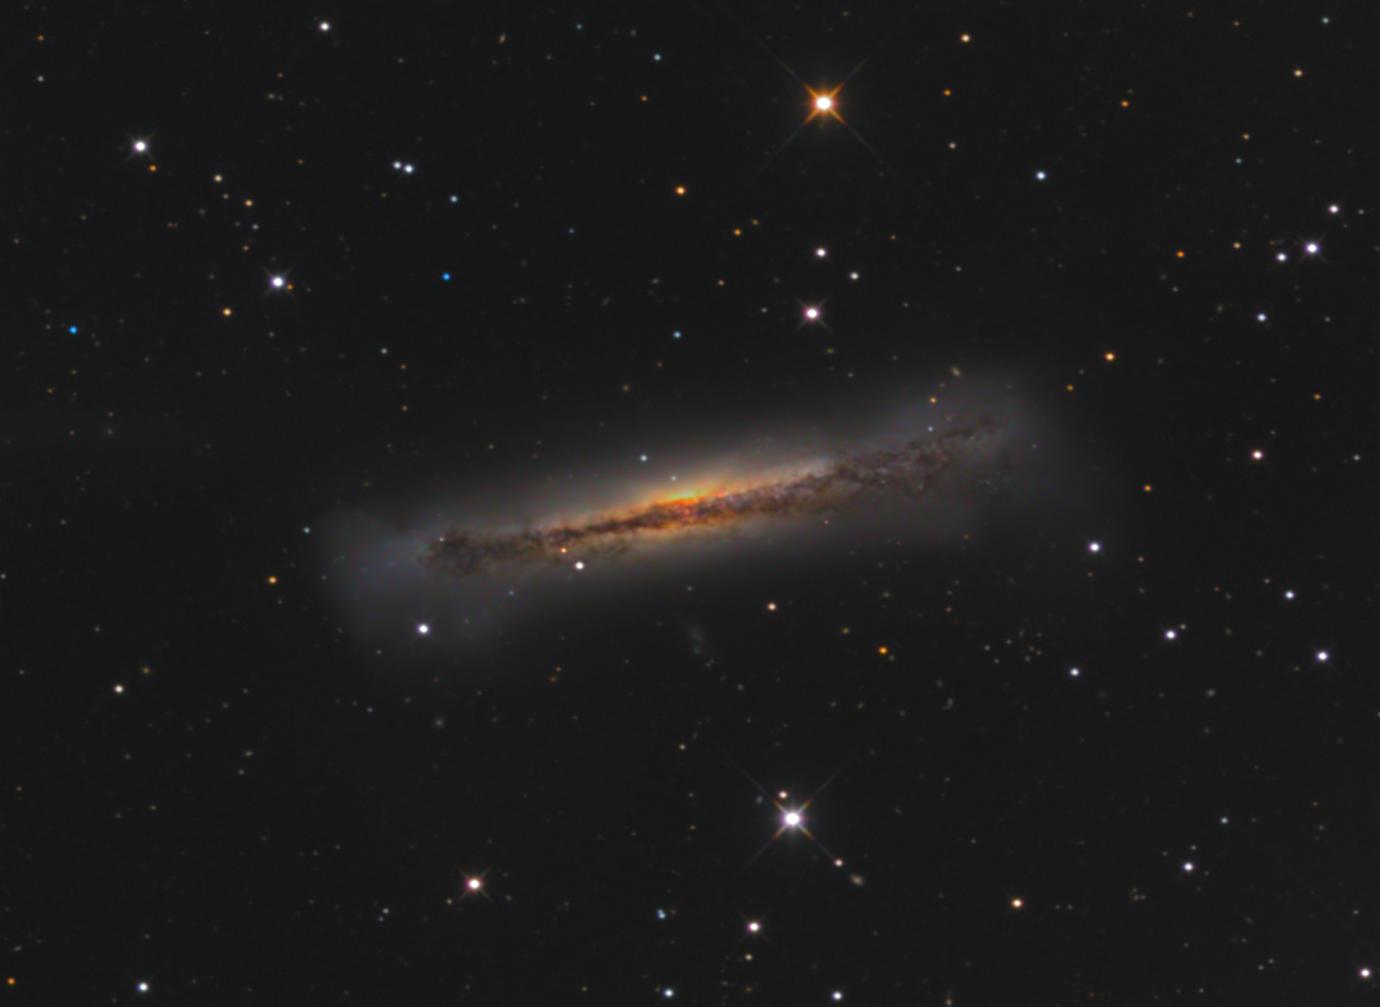 5ad52a1243628_NGC3628.png.fad57a910420a07b908dff951643f238.png